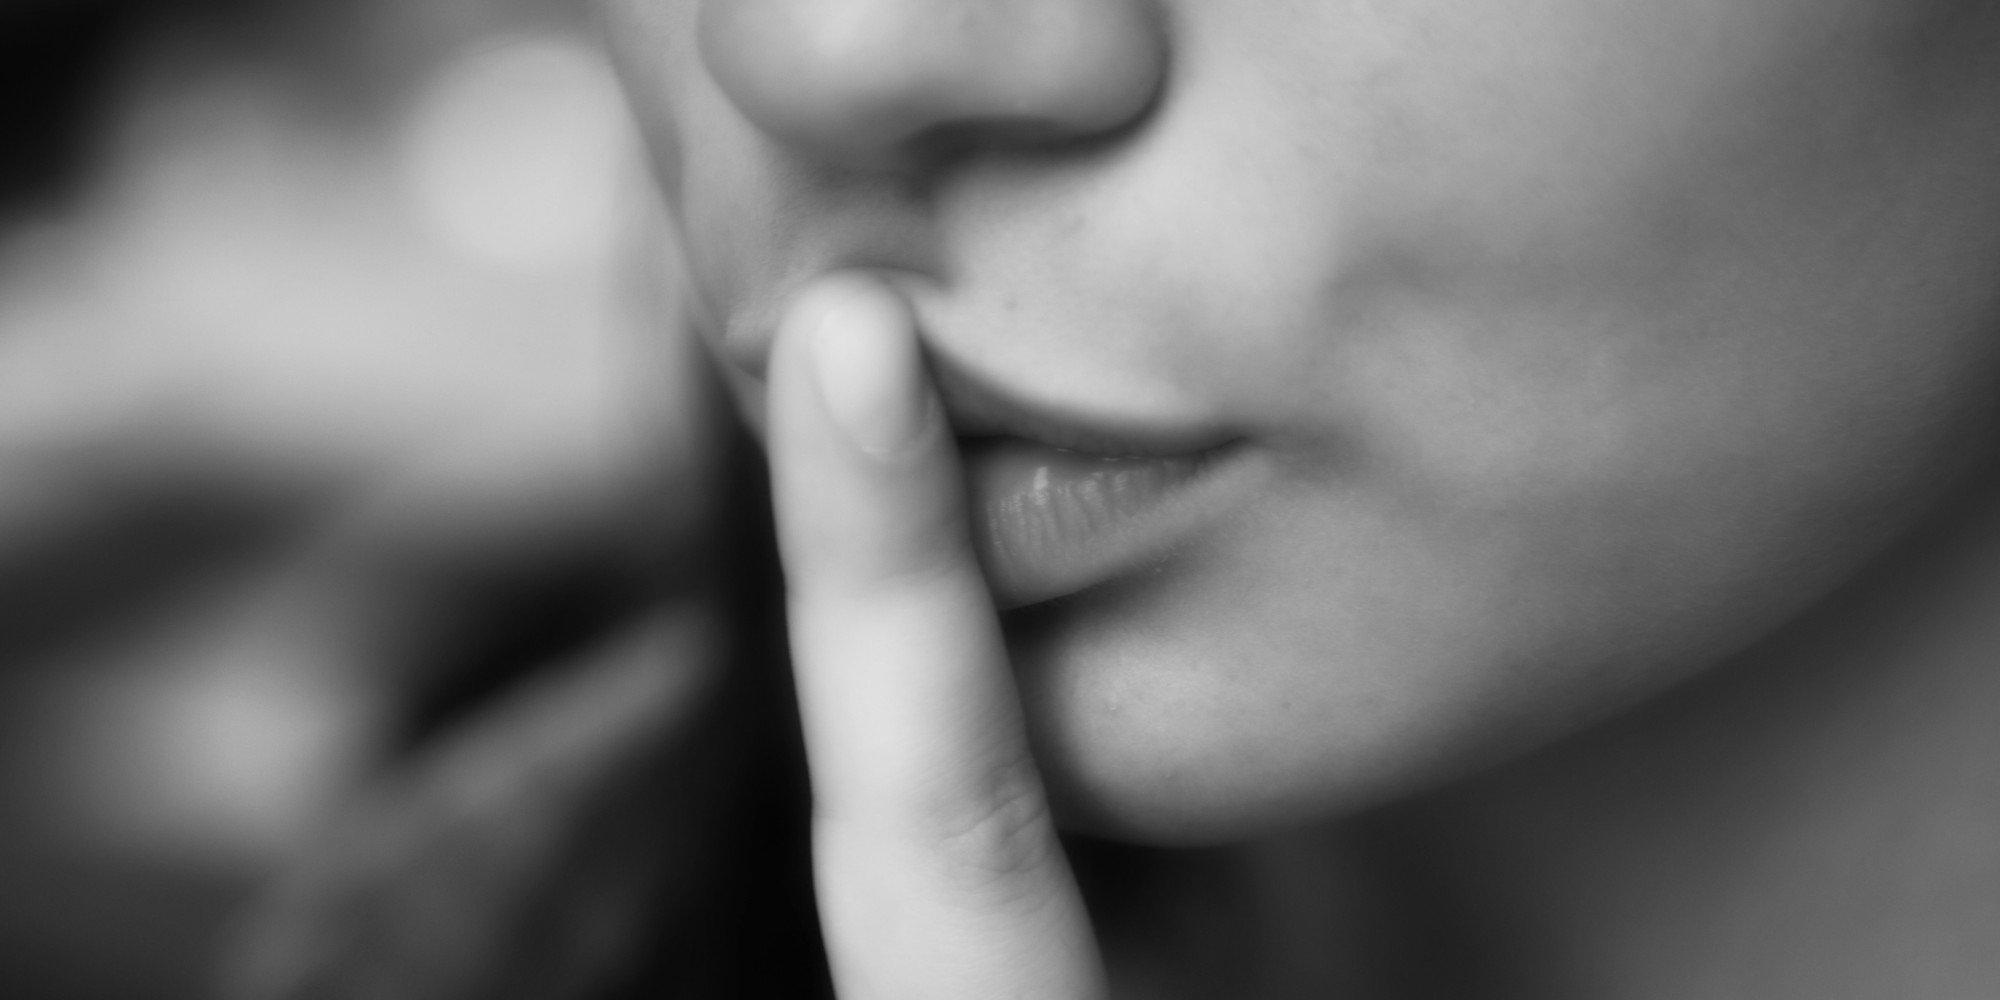 О чём лучше промолчать, даже когда тебя спросят: 7 золотых правил